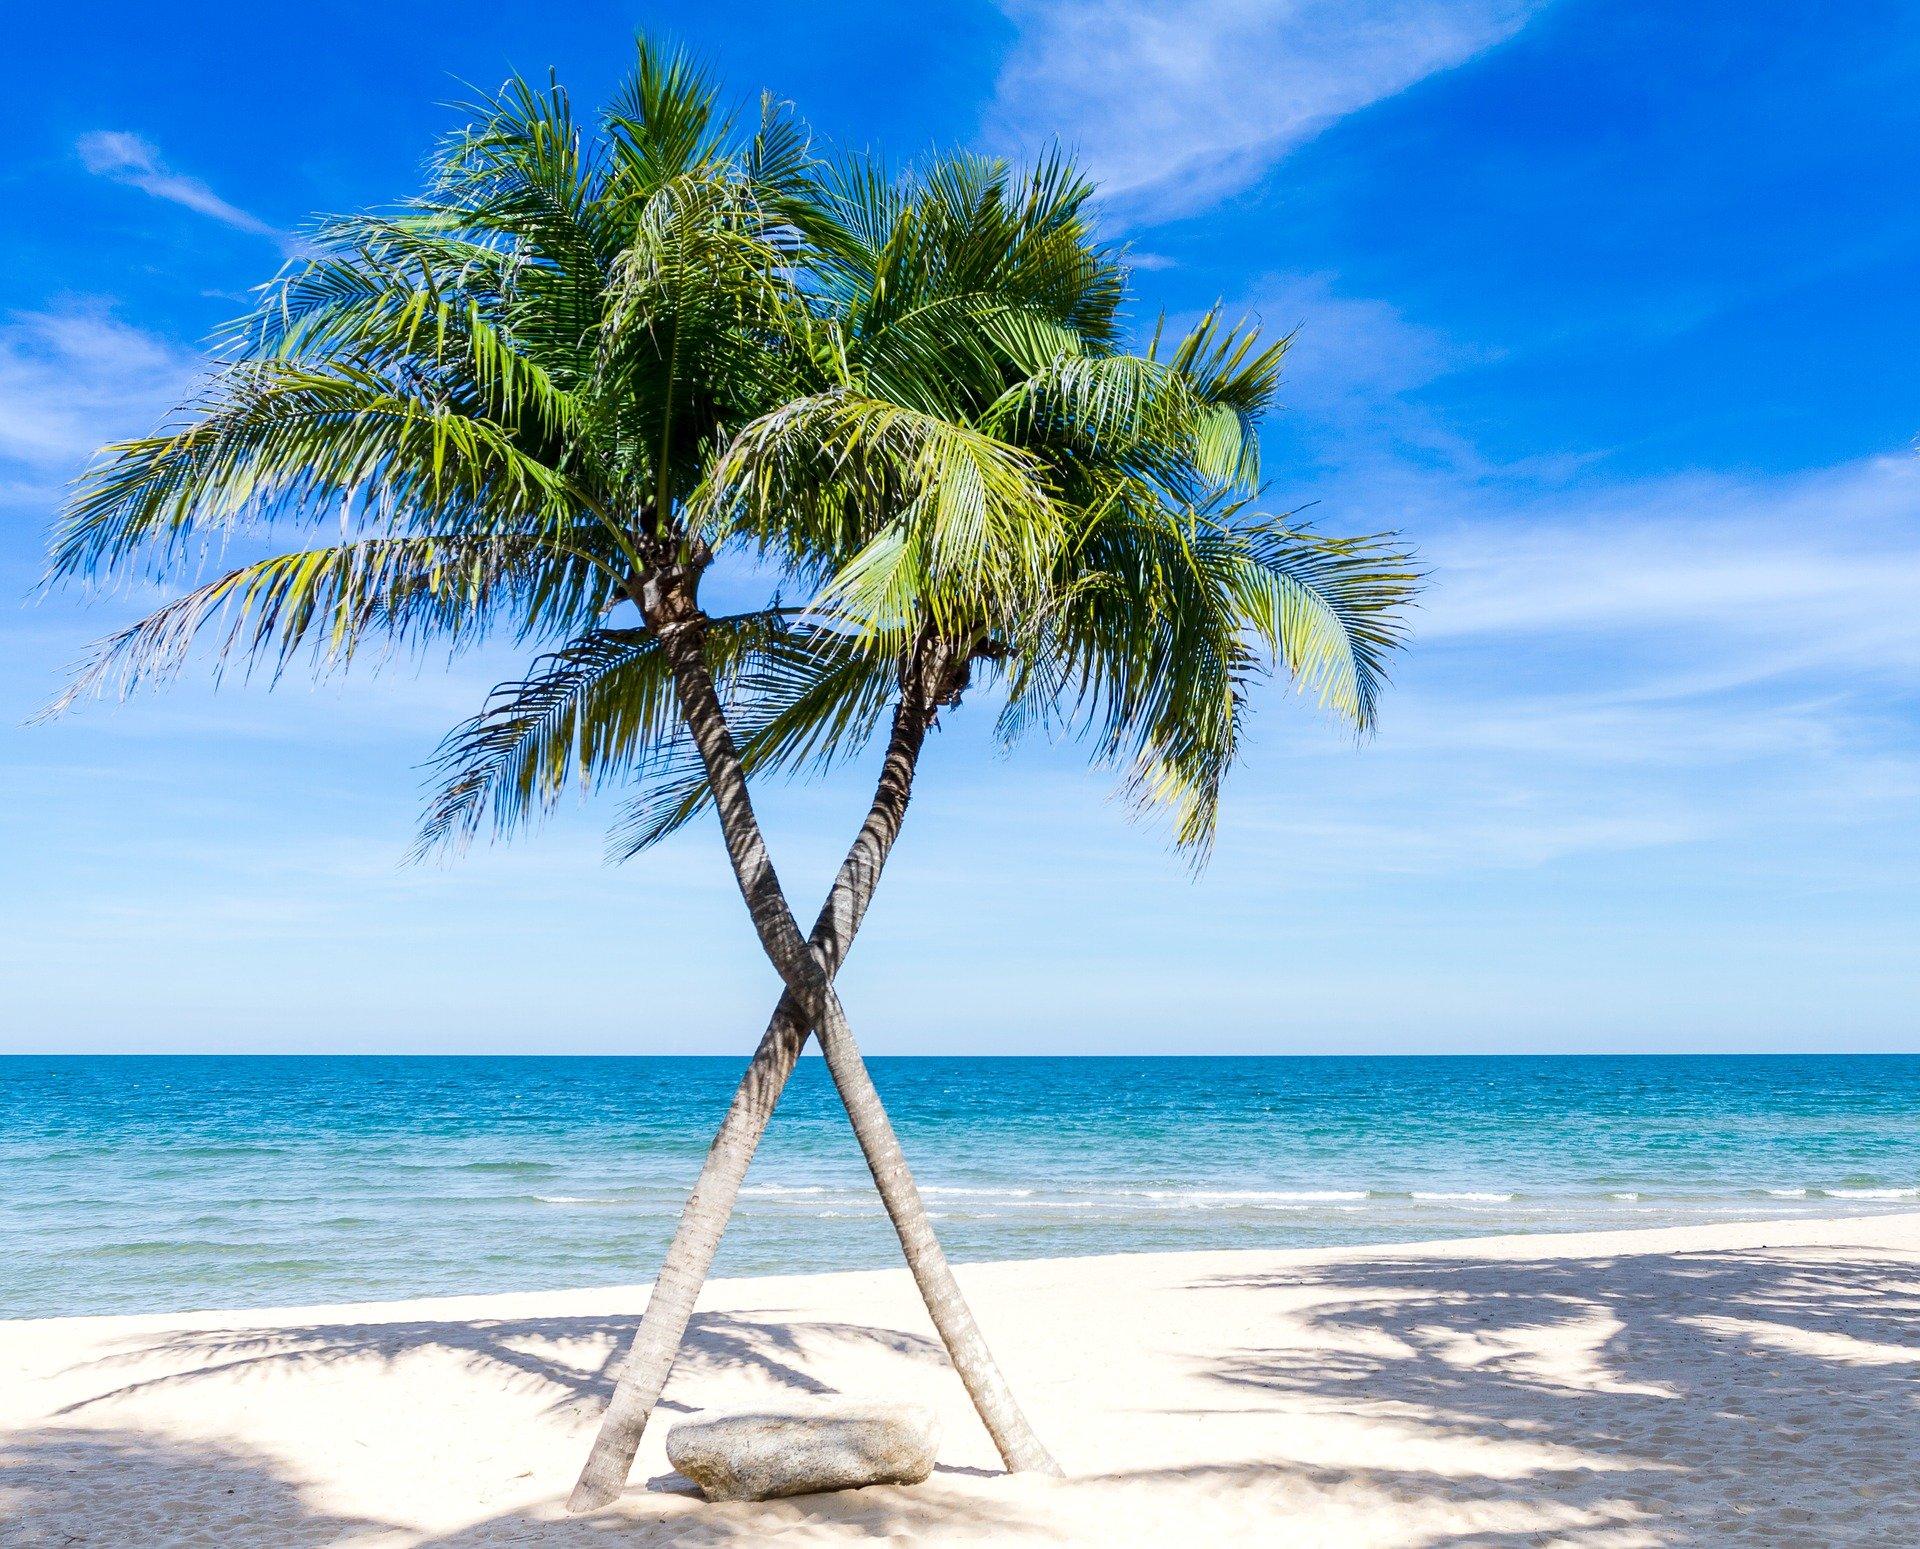 beach-1822544_1920